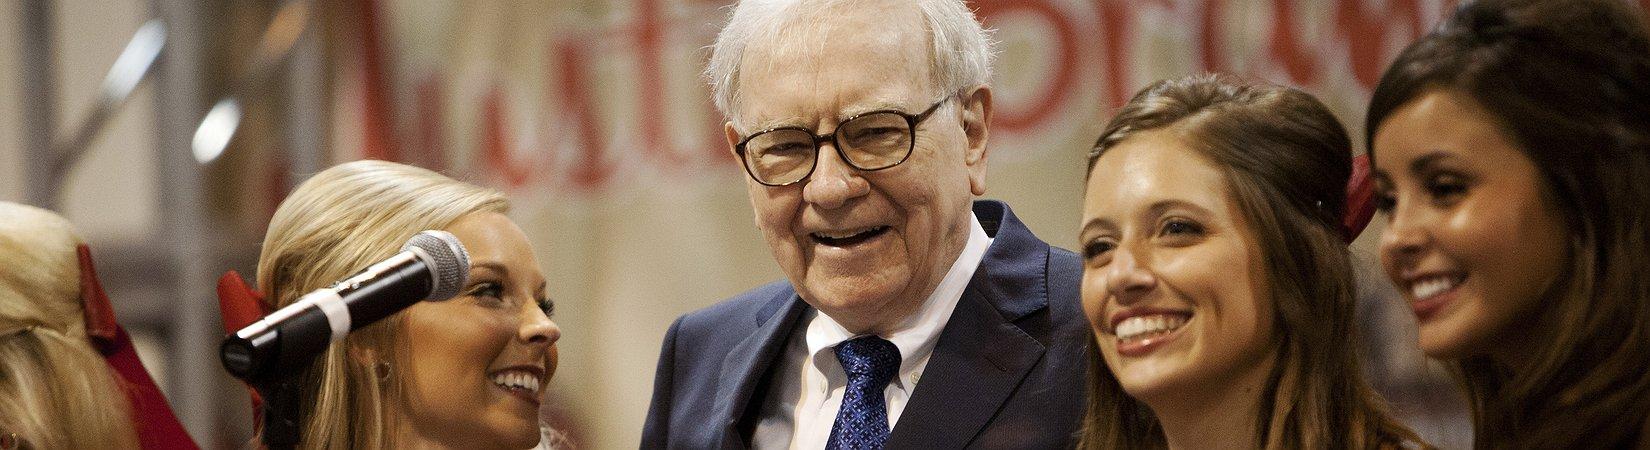 Buffett und S&P 500